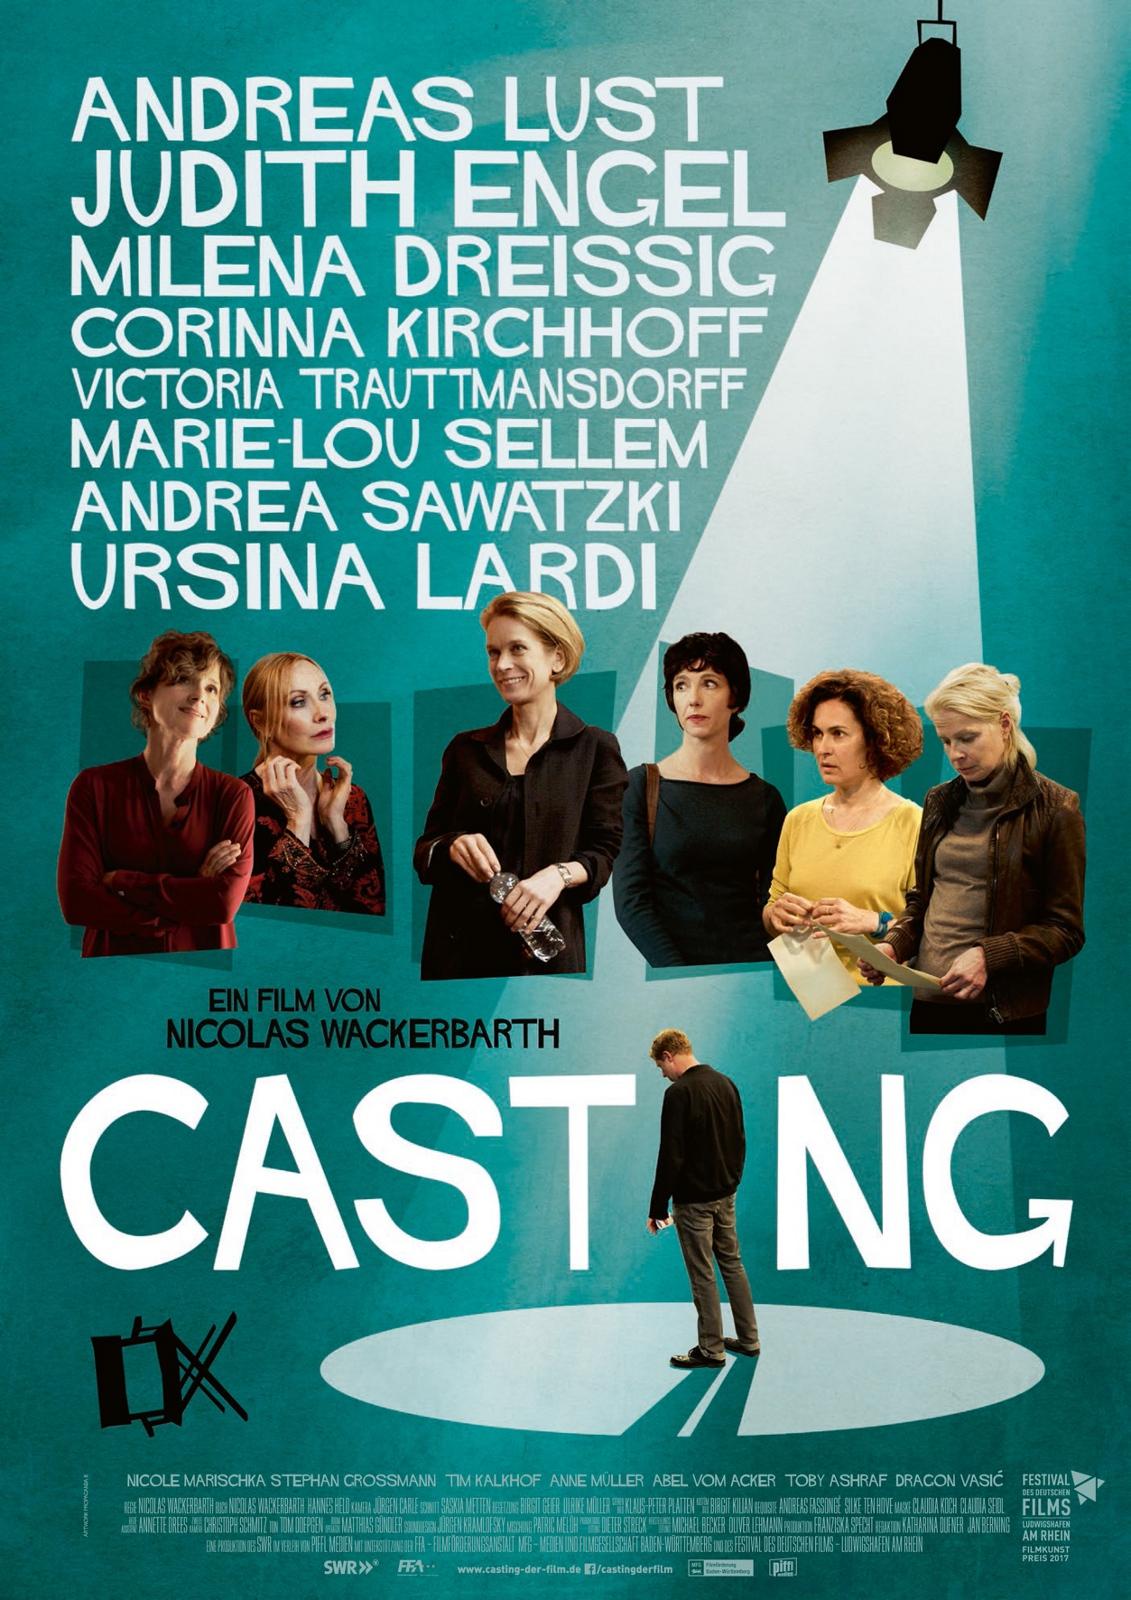 deutsches casting